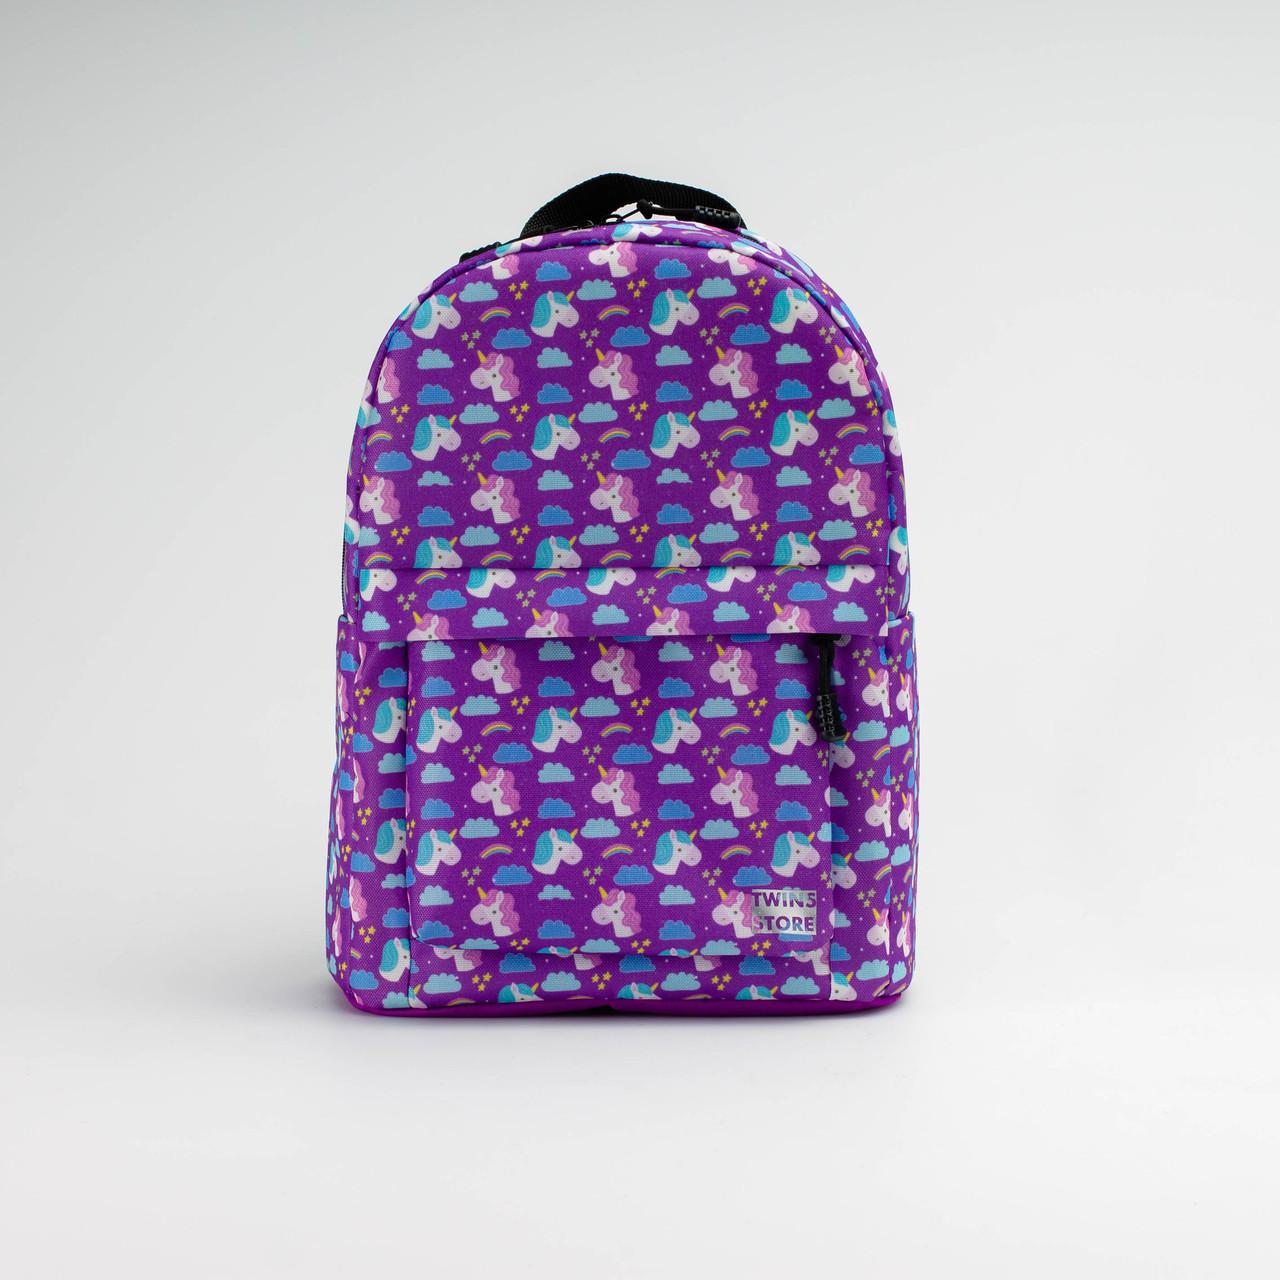 Рюкзак Twins mini с единорогами aиолетовый